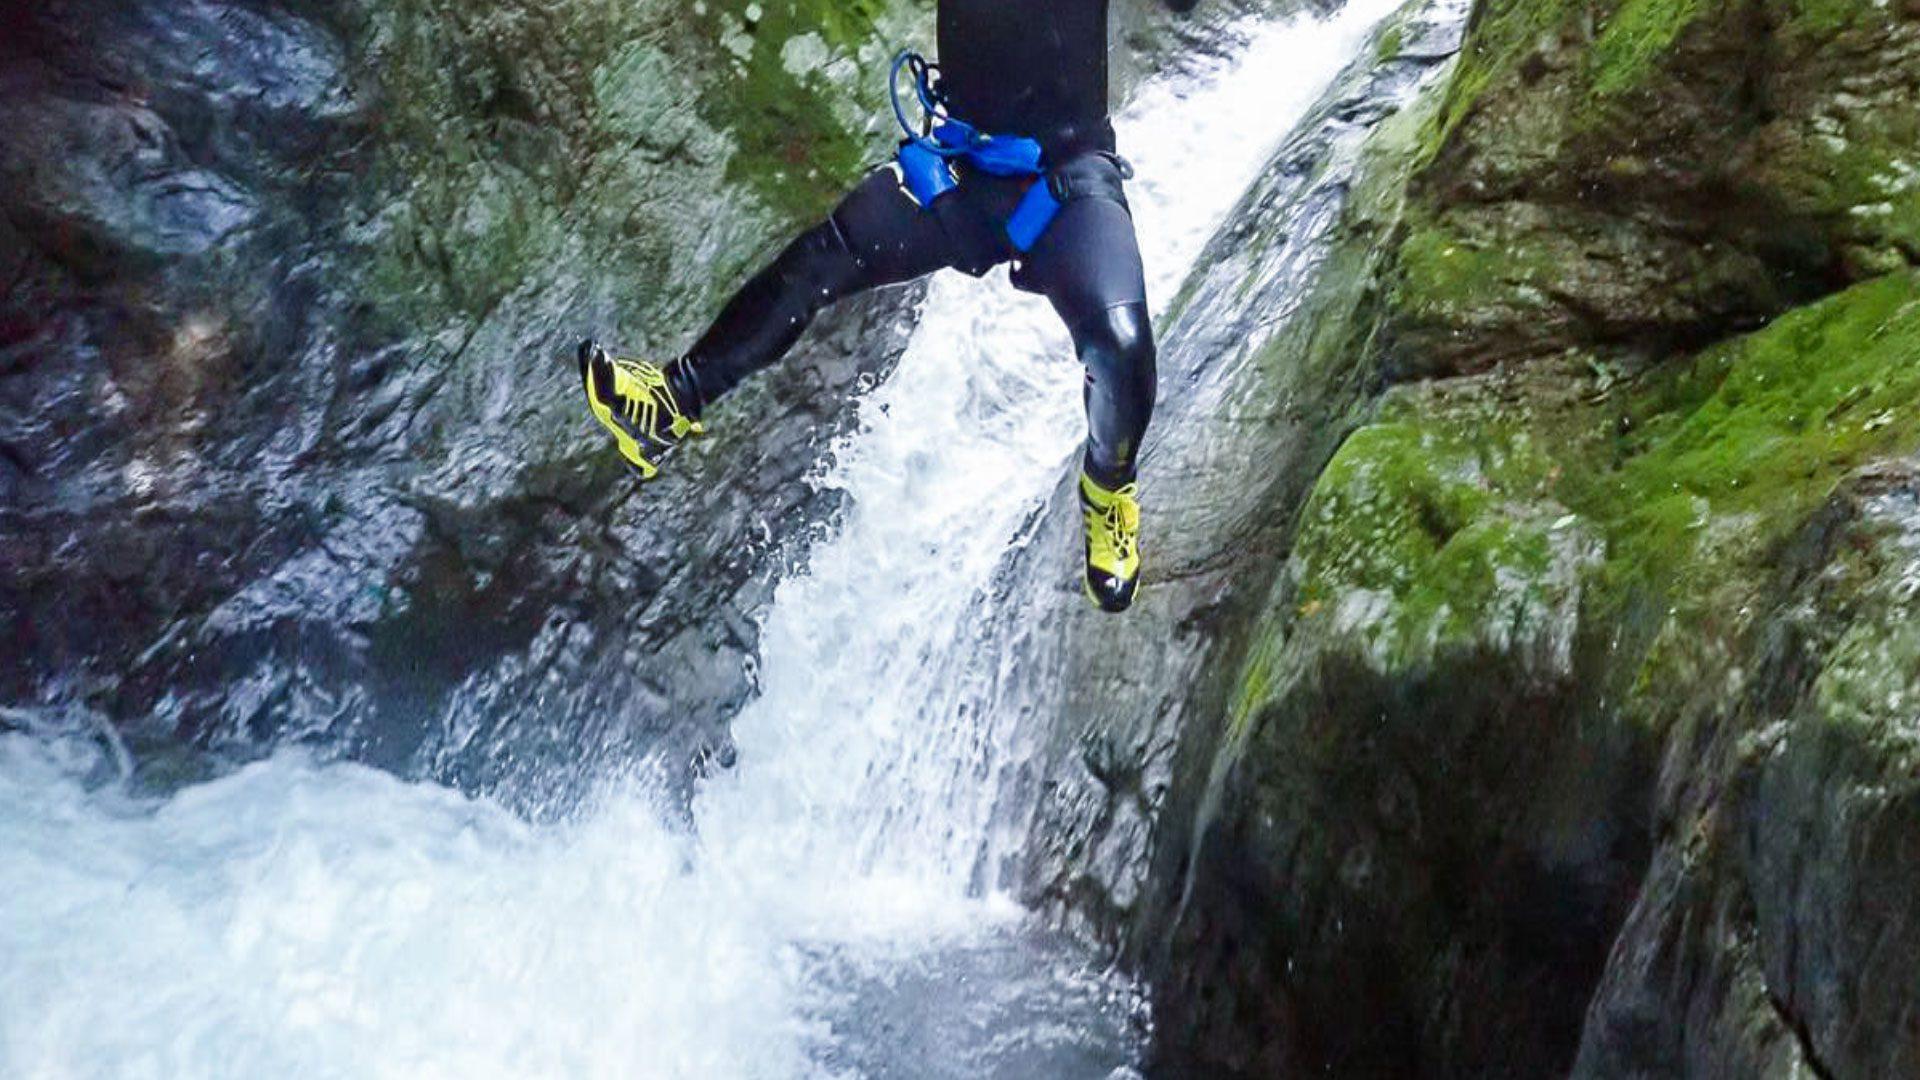 Canyoner jumping